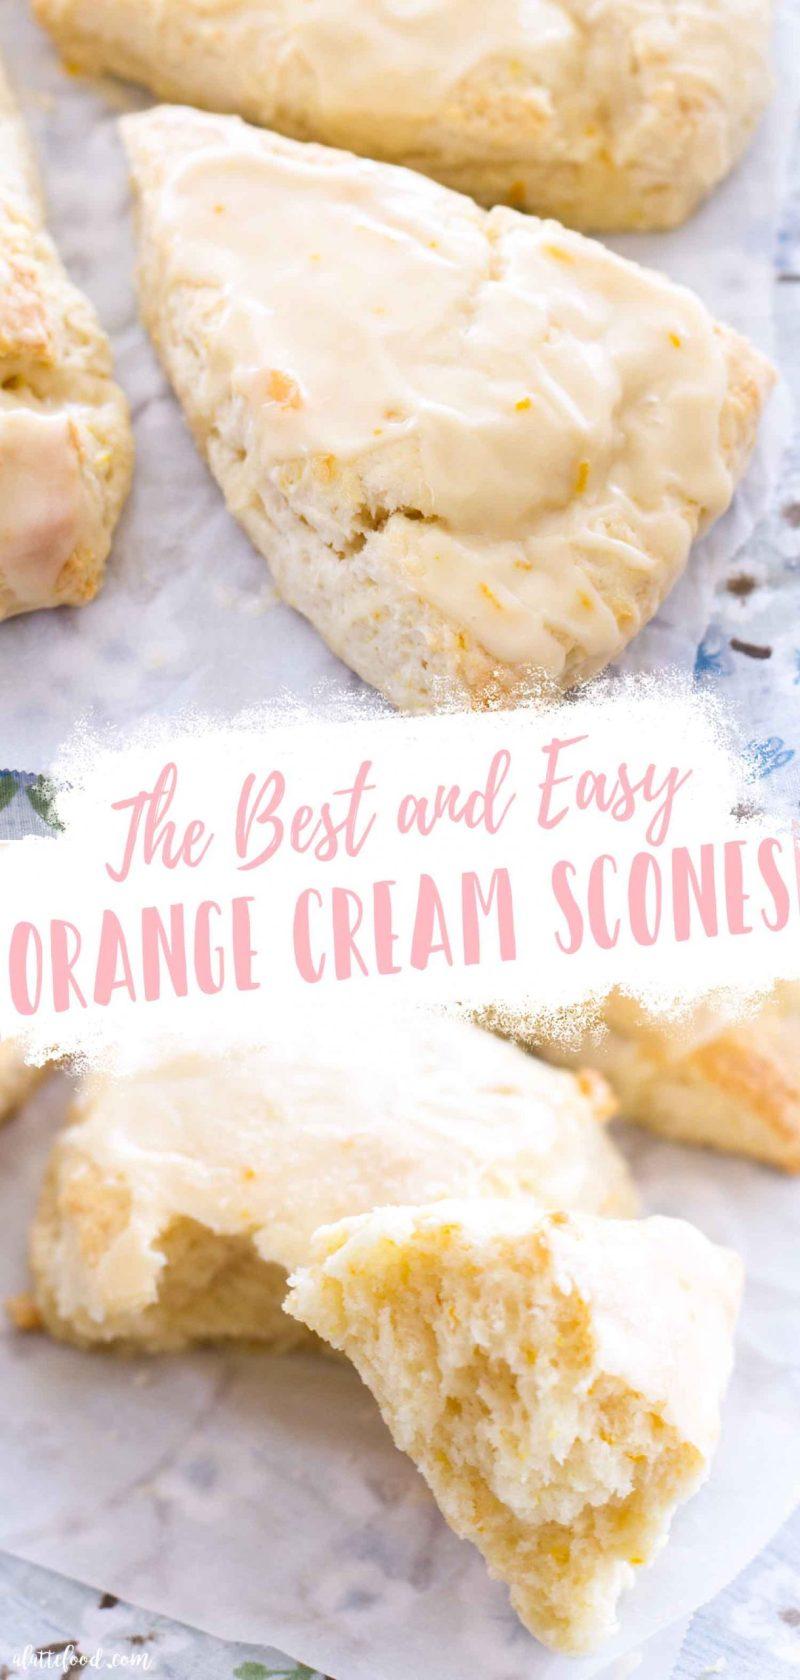 orange cream scones collage with text